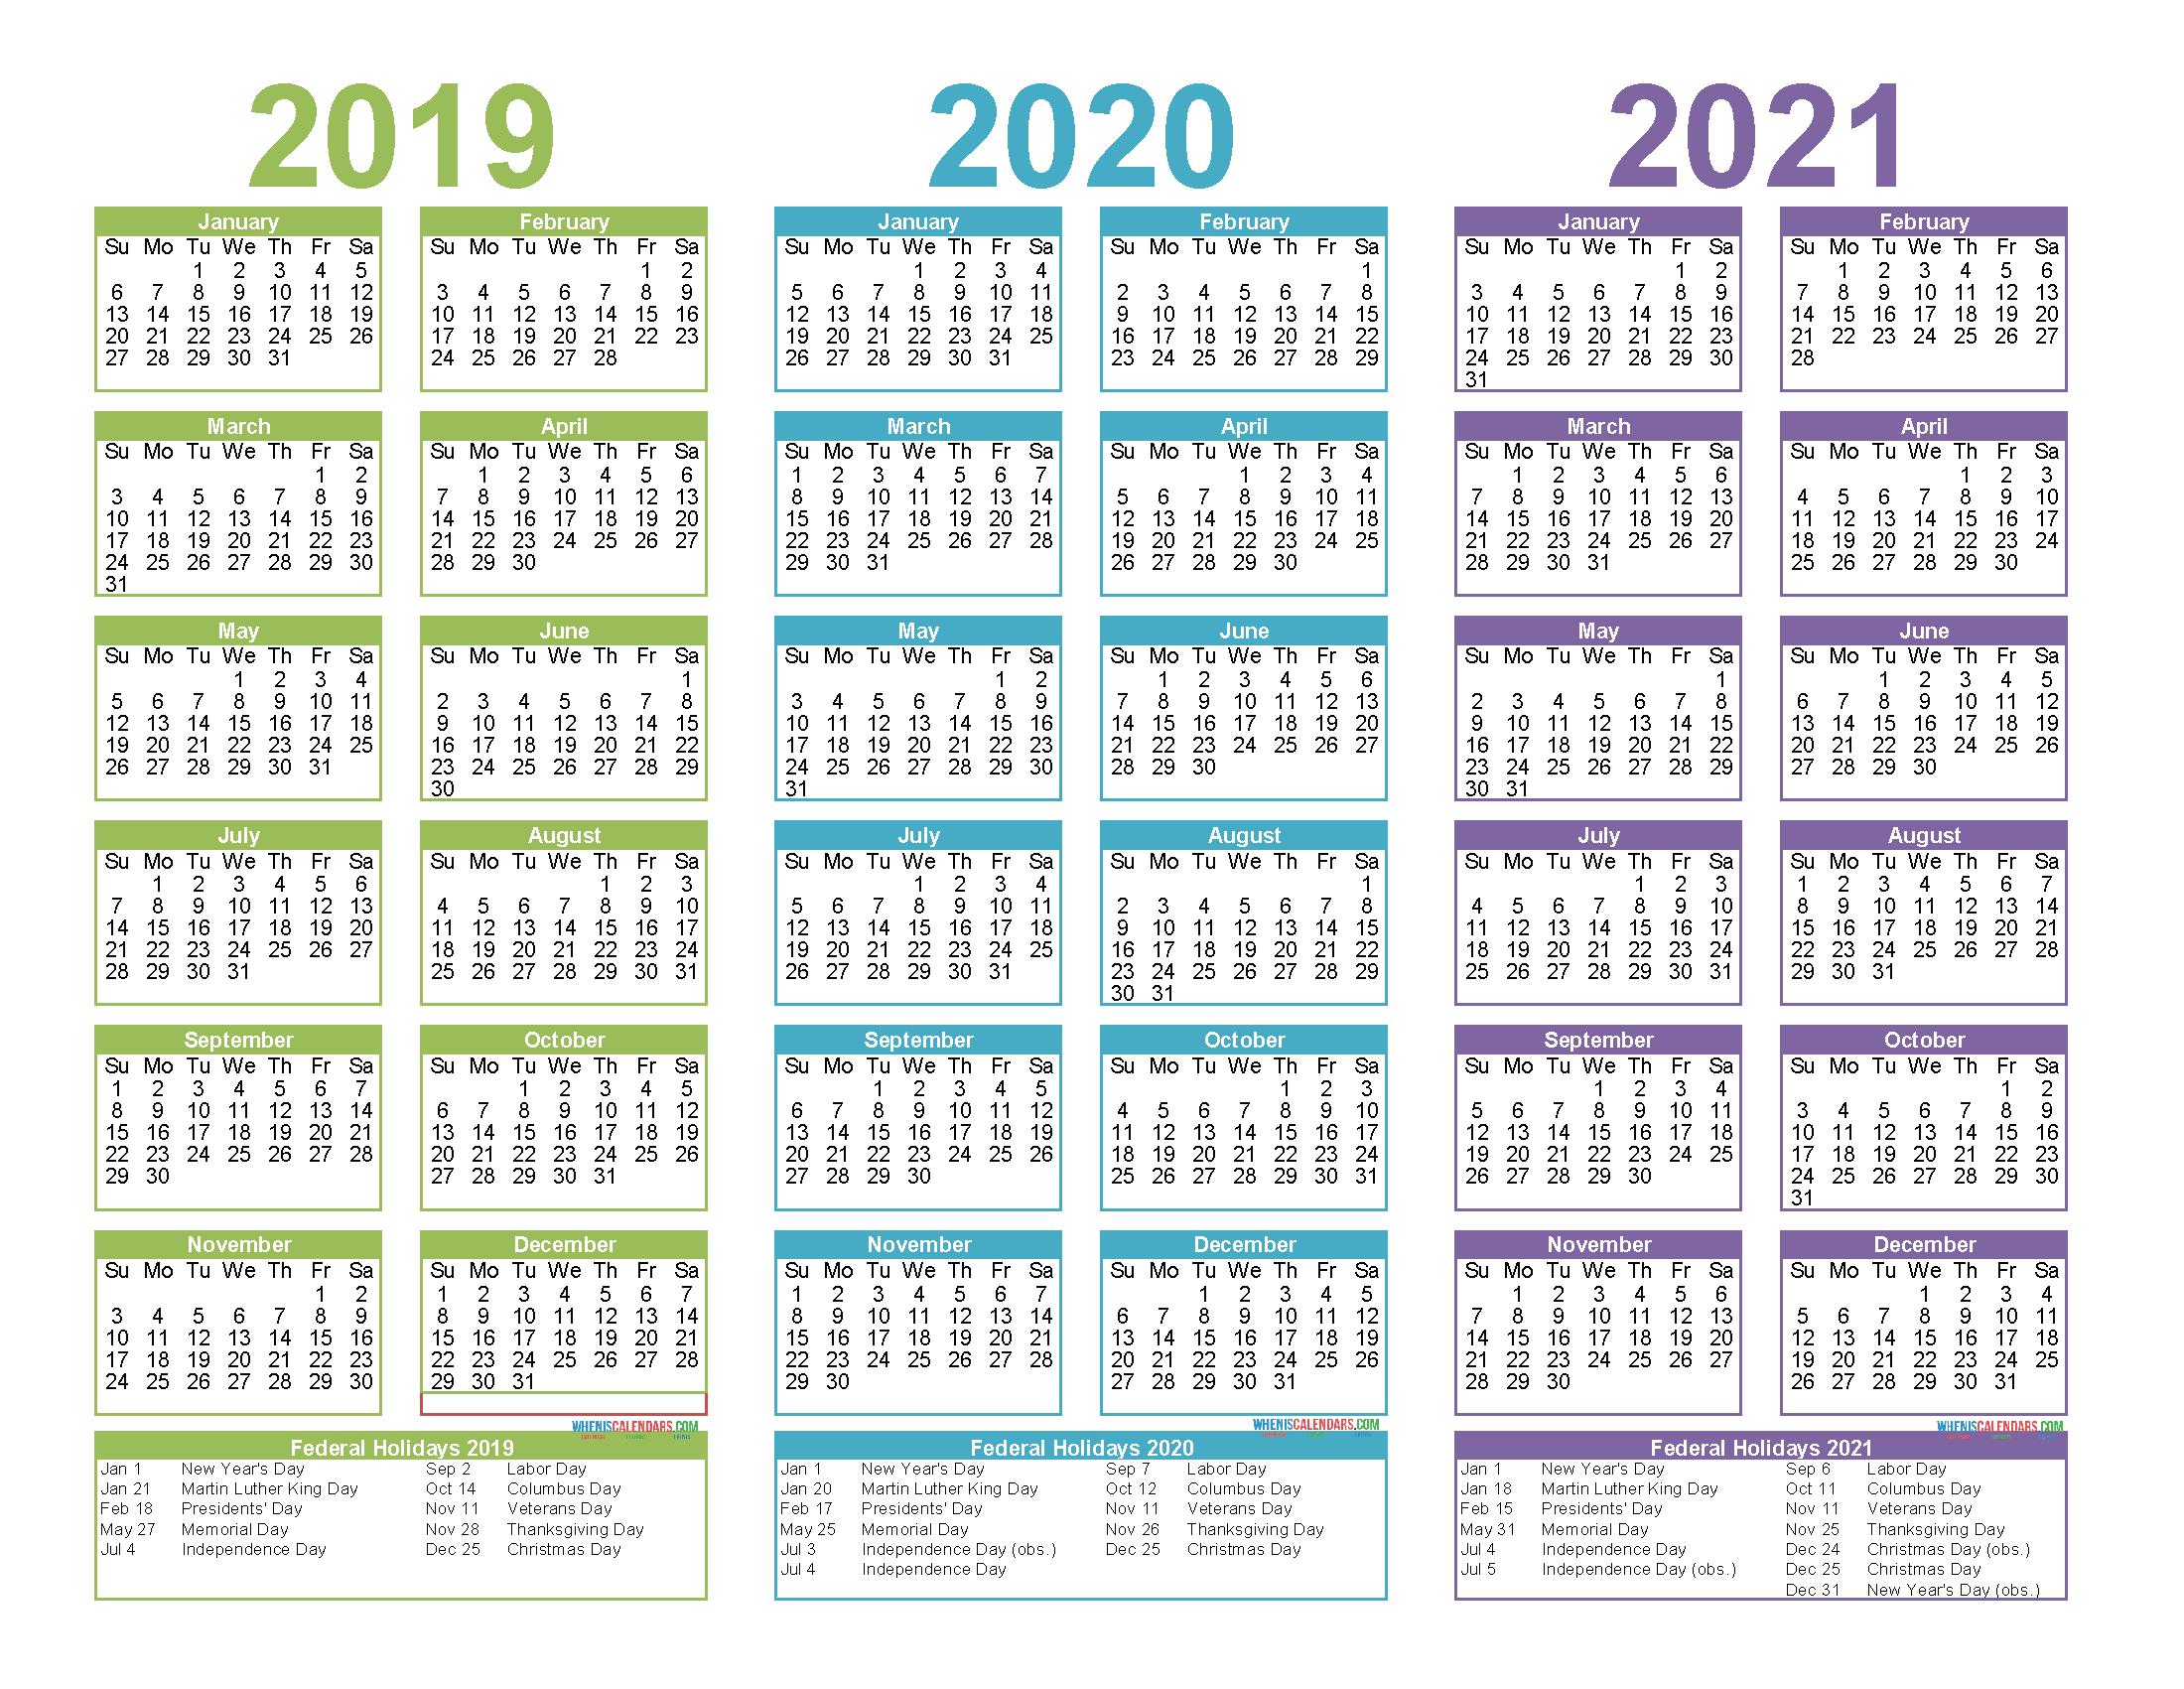 Printable Calendar 2021 And 2019 2019 to 2021 3 Year Calendar Printable Free PDF, Word, Image